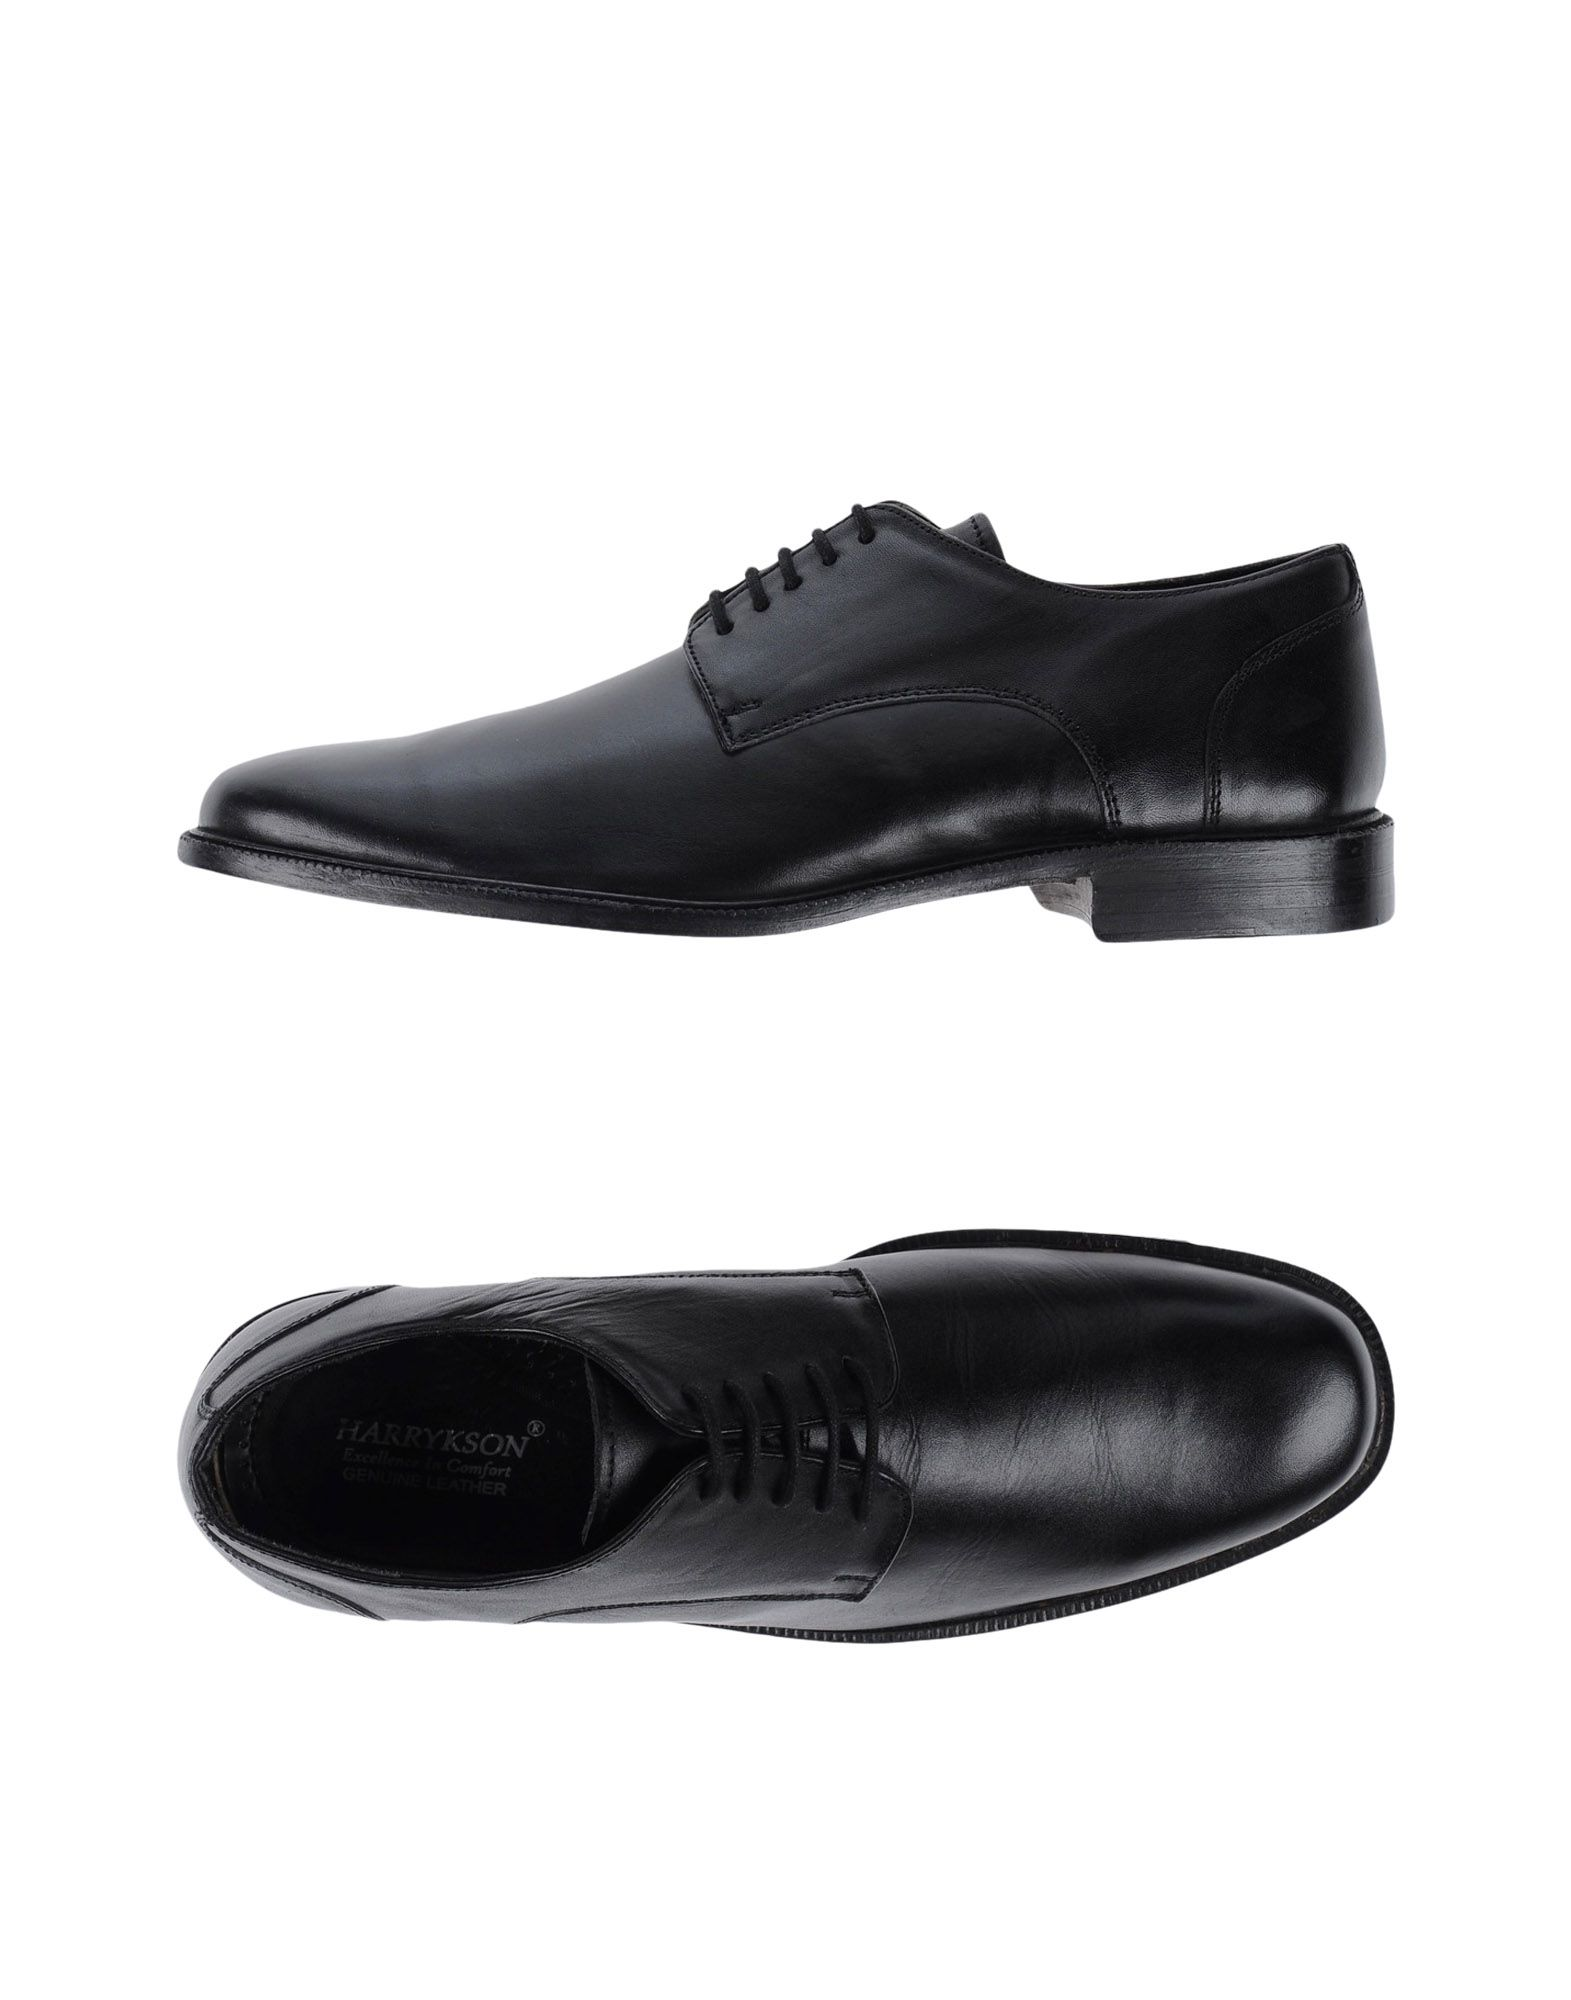 Фото - HARRYKSON® Обувь на шнурках обувь на высокой платформе dkny